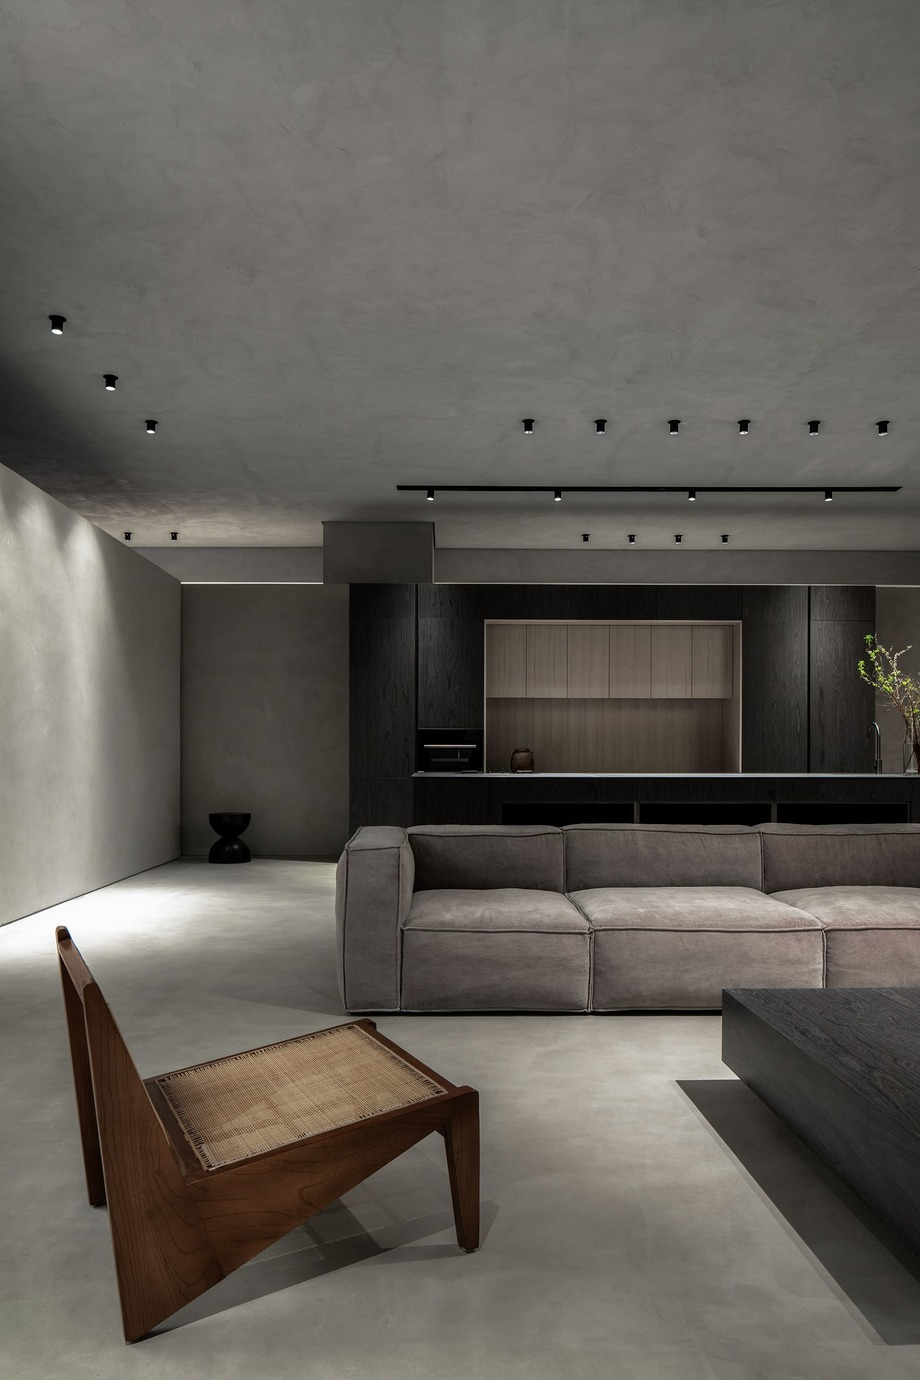 showroom de jst architecture (13) - foto he chuan